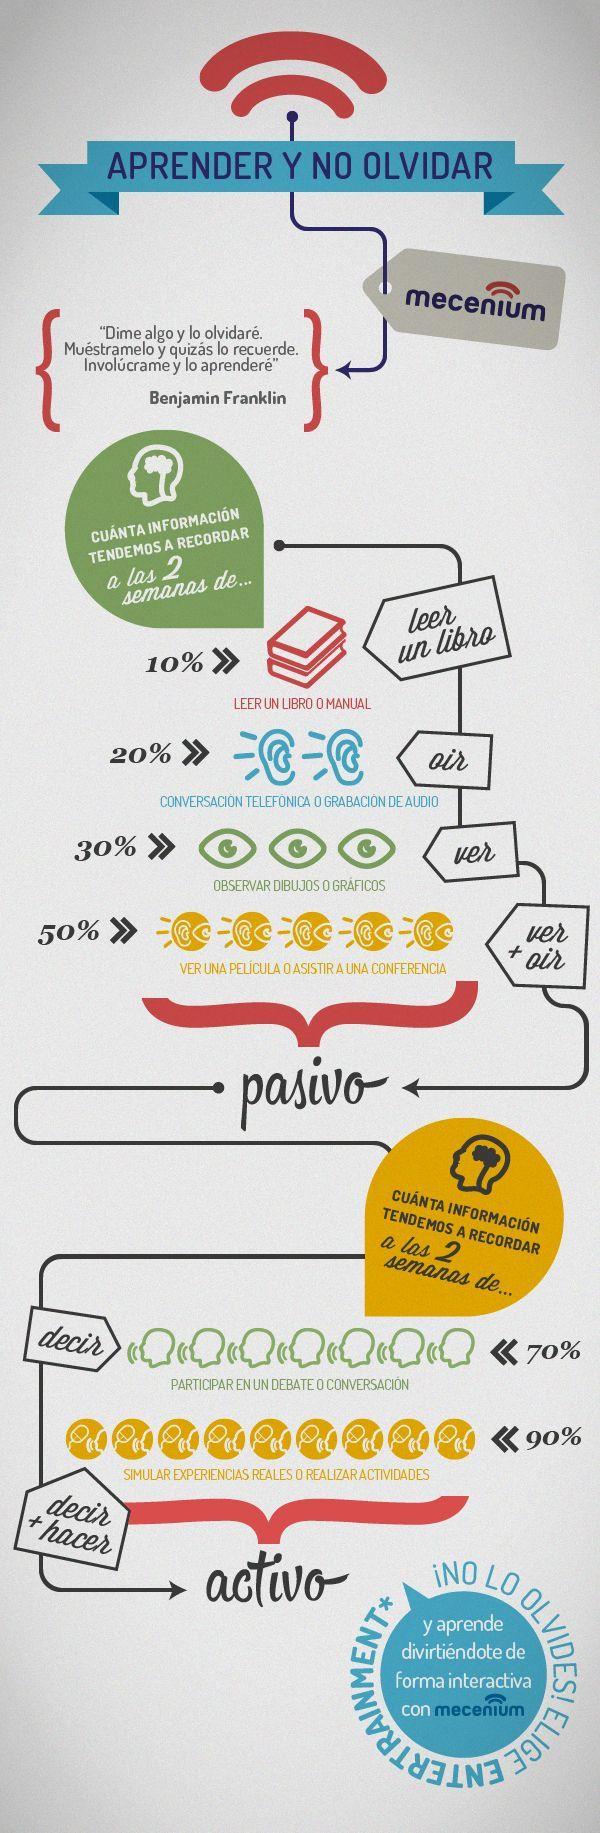 Aprender e non esquecer ~ Orientación en Galicia